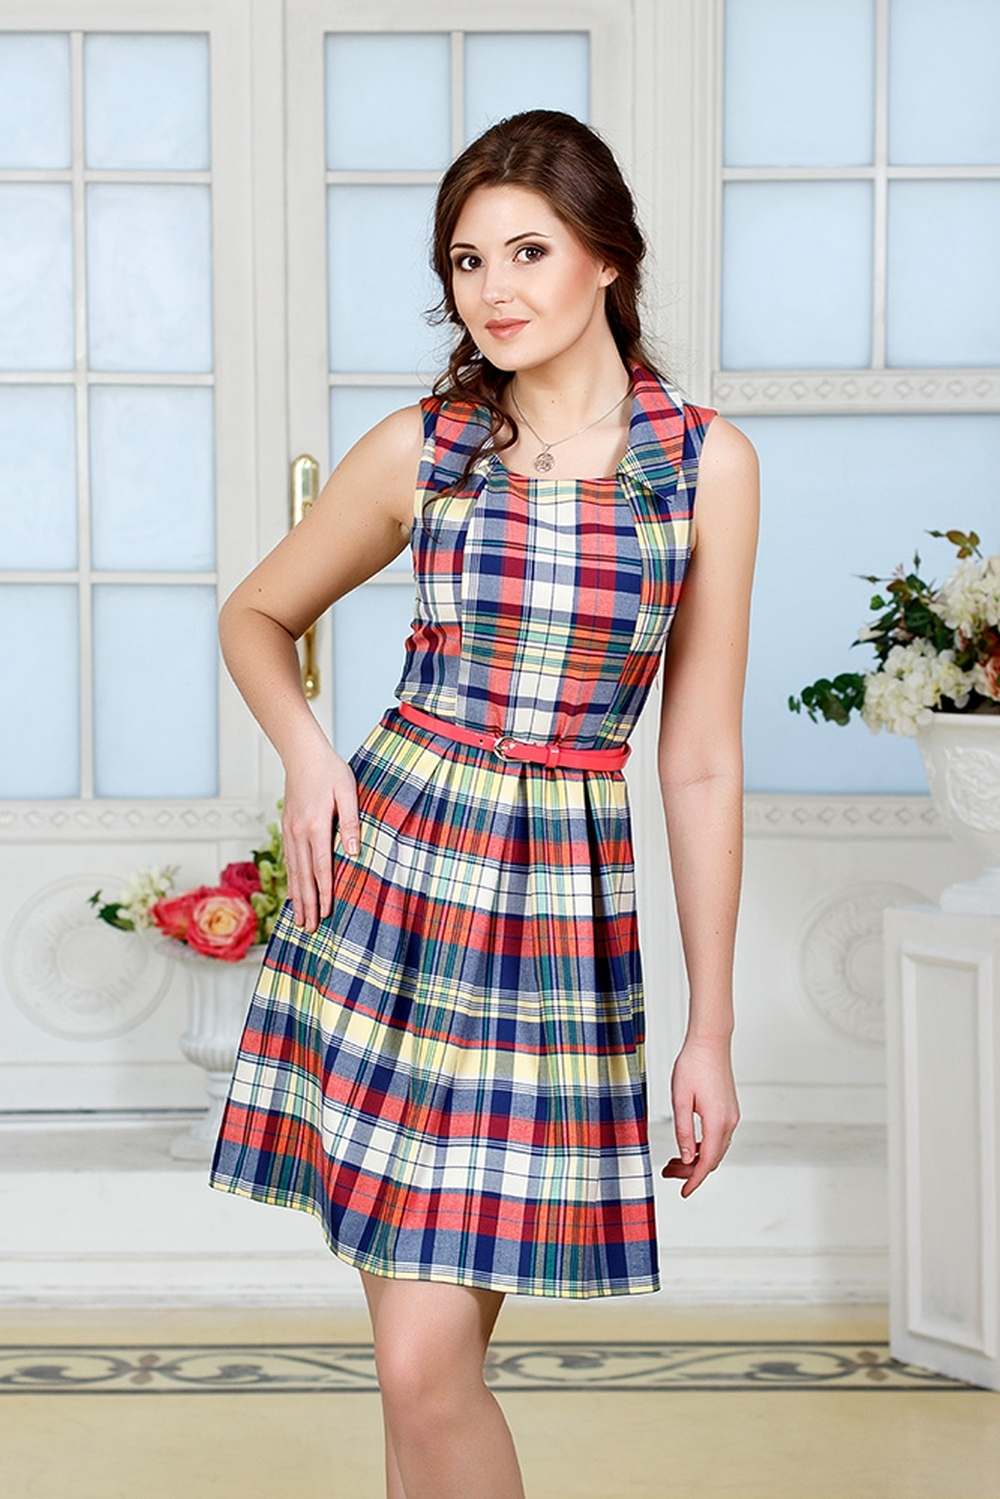 ПлатьеПлатья<br>Платье в яркую клетку из костюмной вискозы. Приталенный силуэт, отрезное по талии, юбка с глубокими встречными складками. Кокетливый отложной воротник. Сбоку застёгивается на молнию.Платье без пояса.Рост девушки-фотомодели 176 см.В изделии использованы цвета: бежевый, красный, синий и др.Параметры размеров:40 размер - обхват груди 80 см., обхват талии 62 см., обхват бедер 86 см., обхват шеи 34 см.42 размер - обхват груди 84 см., обхват талии 66 см., обхват бедер 90 см., обхват шеи 35 см.44 размер - обхват груди 88 см., обхват талии 70 см., обхват бедер 94 см., обхват шеи 36 см.46 размер - обхват груди 92 см., обхват талии 74 см., обхват бедер 98 см., обхват шеи 37 см.48 размер - обхват груди 96 см., обхват талии 78 см., обхват бедер 102 см., обхват шеи 38 см.50 размер - обхват груди 100 см., обхват талии 85 см., обхват бедер 106 см., обхват шеи 39 см.52 размер - обхват груди 104 см., обхват талии 86 см., обхват бедер 110 см., обхват шеи 40 см.54 размер - обхват груди 110 см., обхват талии 92 см., обхват бедер 116 см., обхват шеи 41 см.56 размер - обхват груди 116 см., обхват талии 98 см., обхват бедер 122 см., обхват шеи 42 см.Ростовка изделия 168 см.<br><br>Горловина: С- горловина<br>Рукав: Без рукавов<br>Длина: До колена<br>Материал: Тканевые<br>Рисунок: В клетку,С принтом,Цветные<br>Сезон: Лето<br>Силуэт: Полуприталенные<br>Стиль: Кэжуал,Летний стиль,Повседневный стиль<br>Форма: Платье - трапеция<br>Размер : 48,50,52<br>Материал: Плательная ткань<br>Количество в наличии: 5